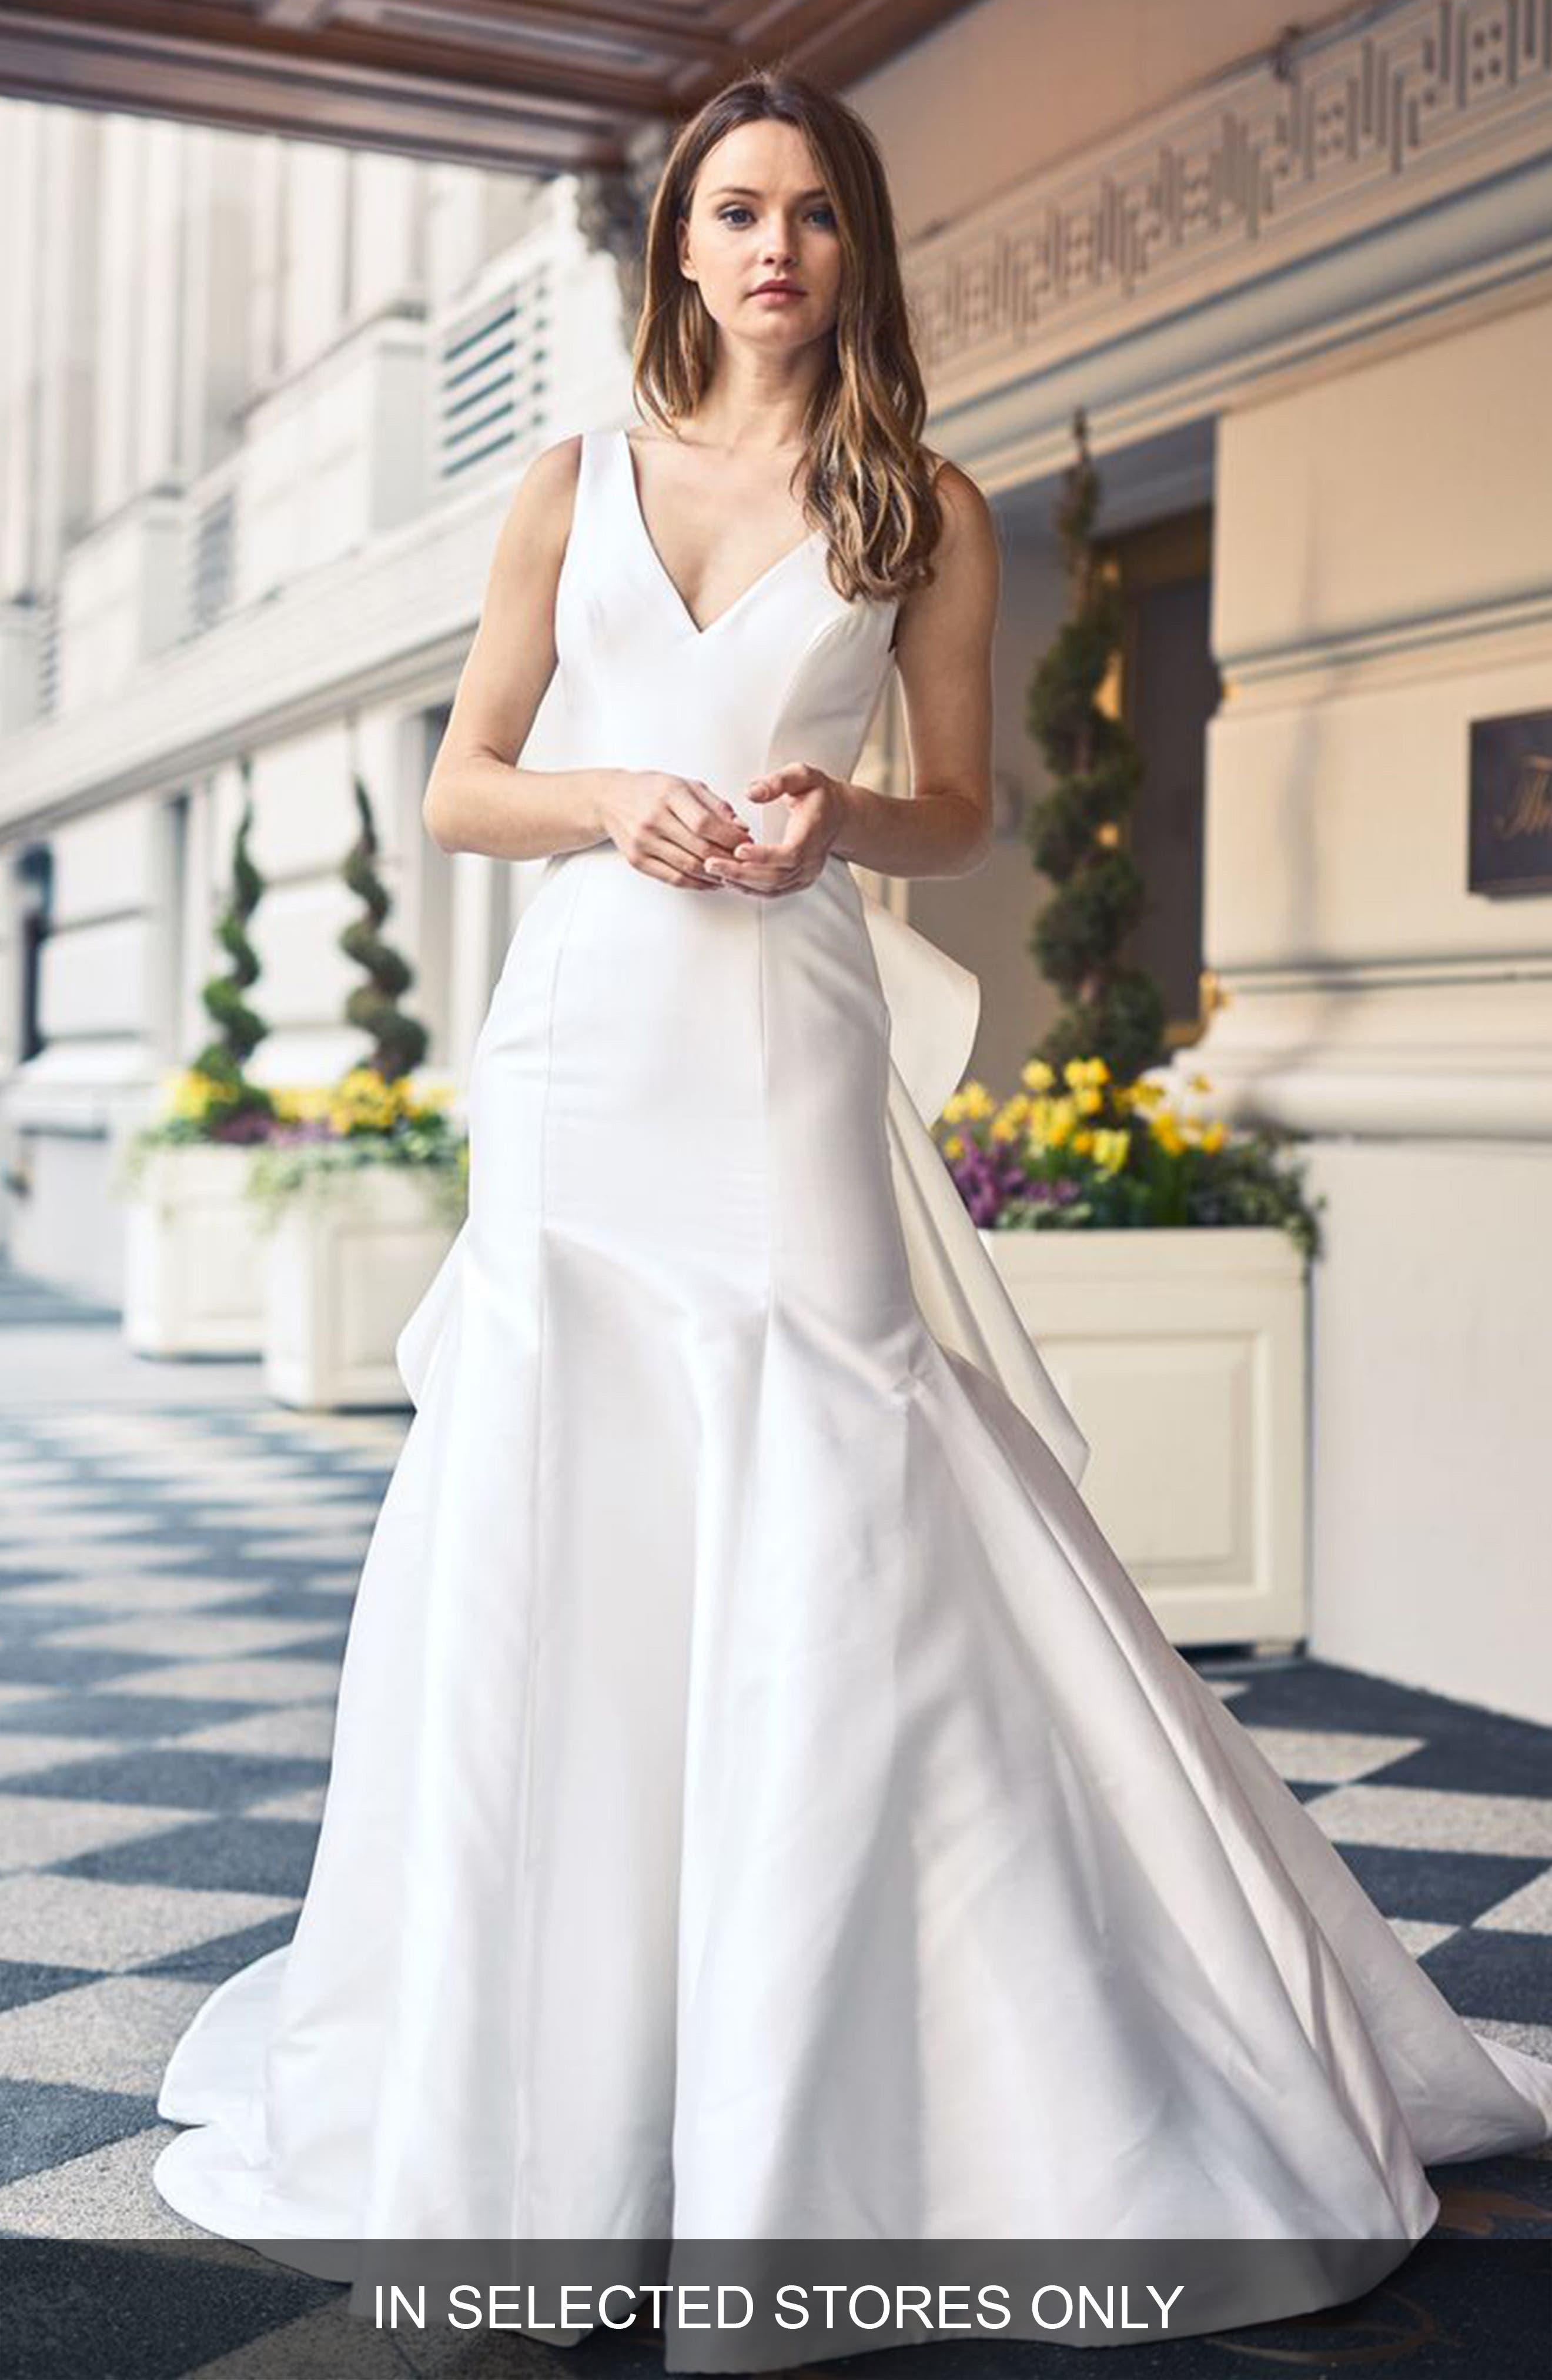 BLISS Monique Lhuillier V-Neck Mikado & Tulle Gown